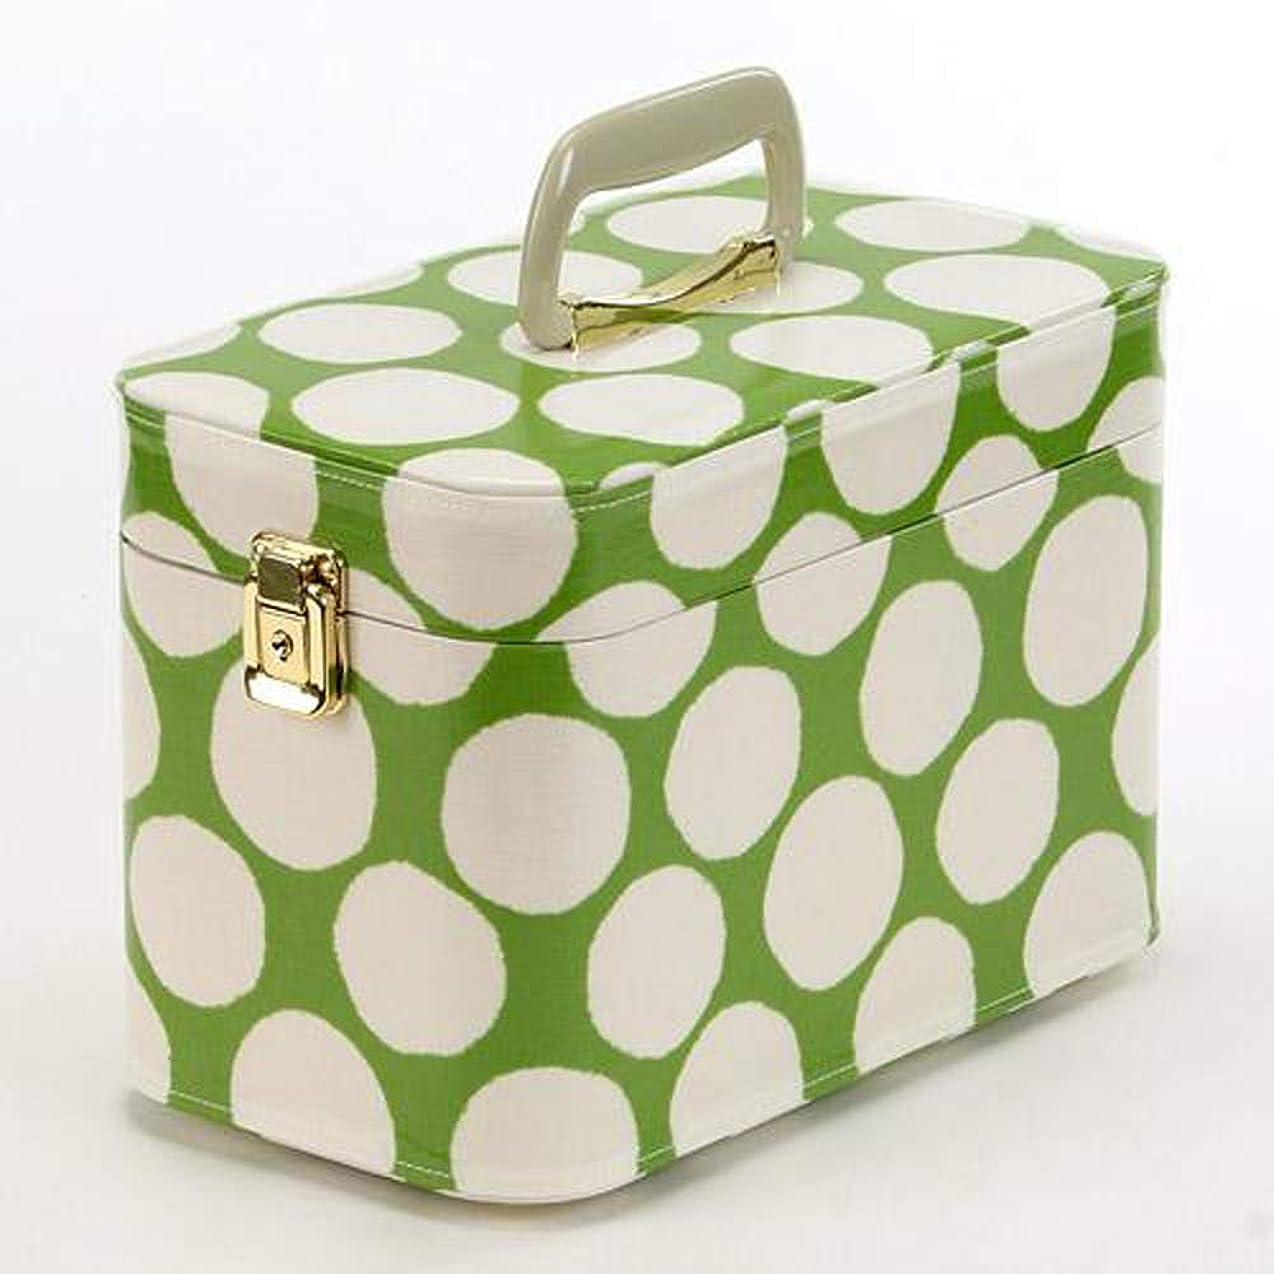 厳密にアリシャツ日本製 メイクボックス(コスメボックス) 水玉柄 緑 トレンケース30cm (鍵付き/コスメボックス)